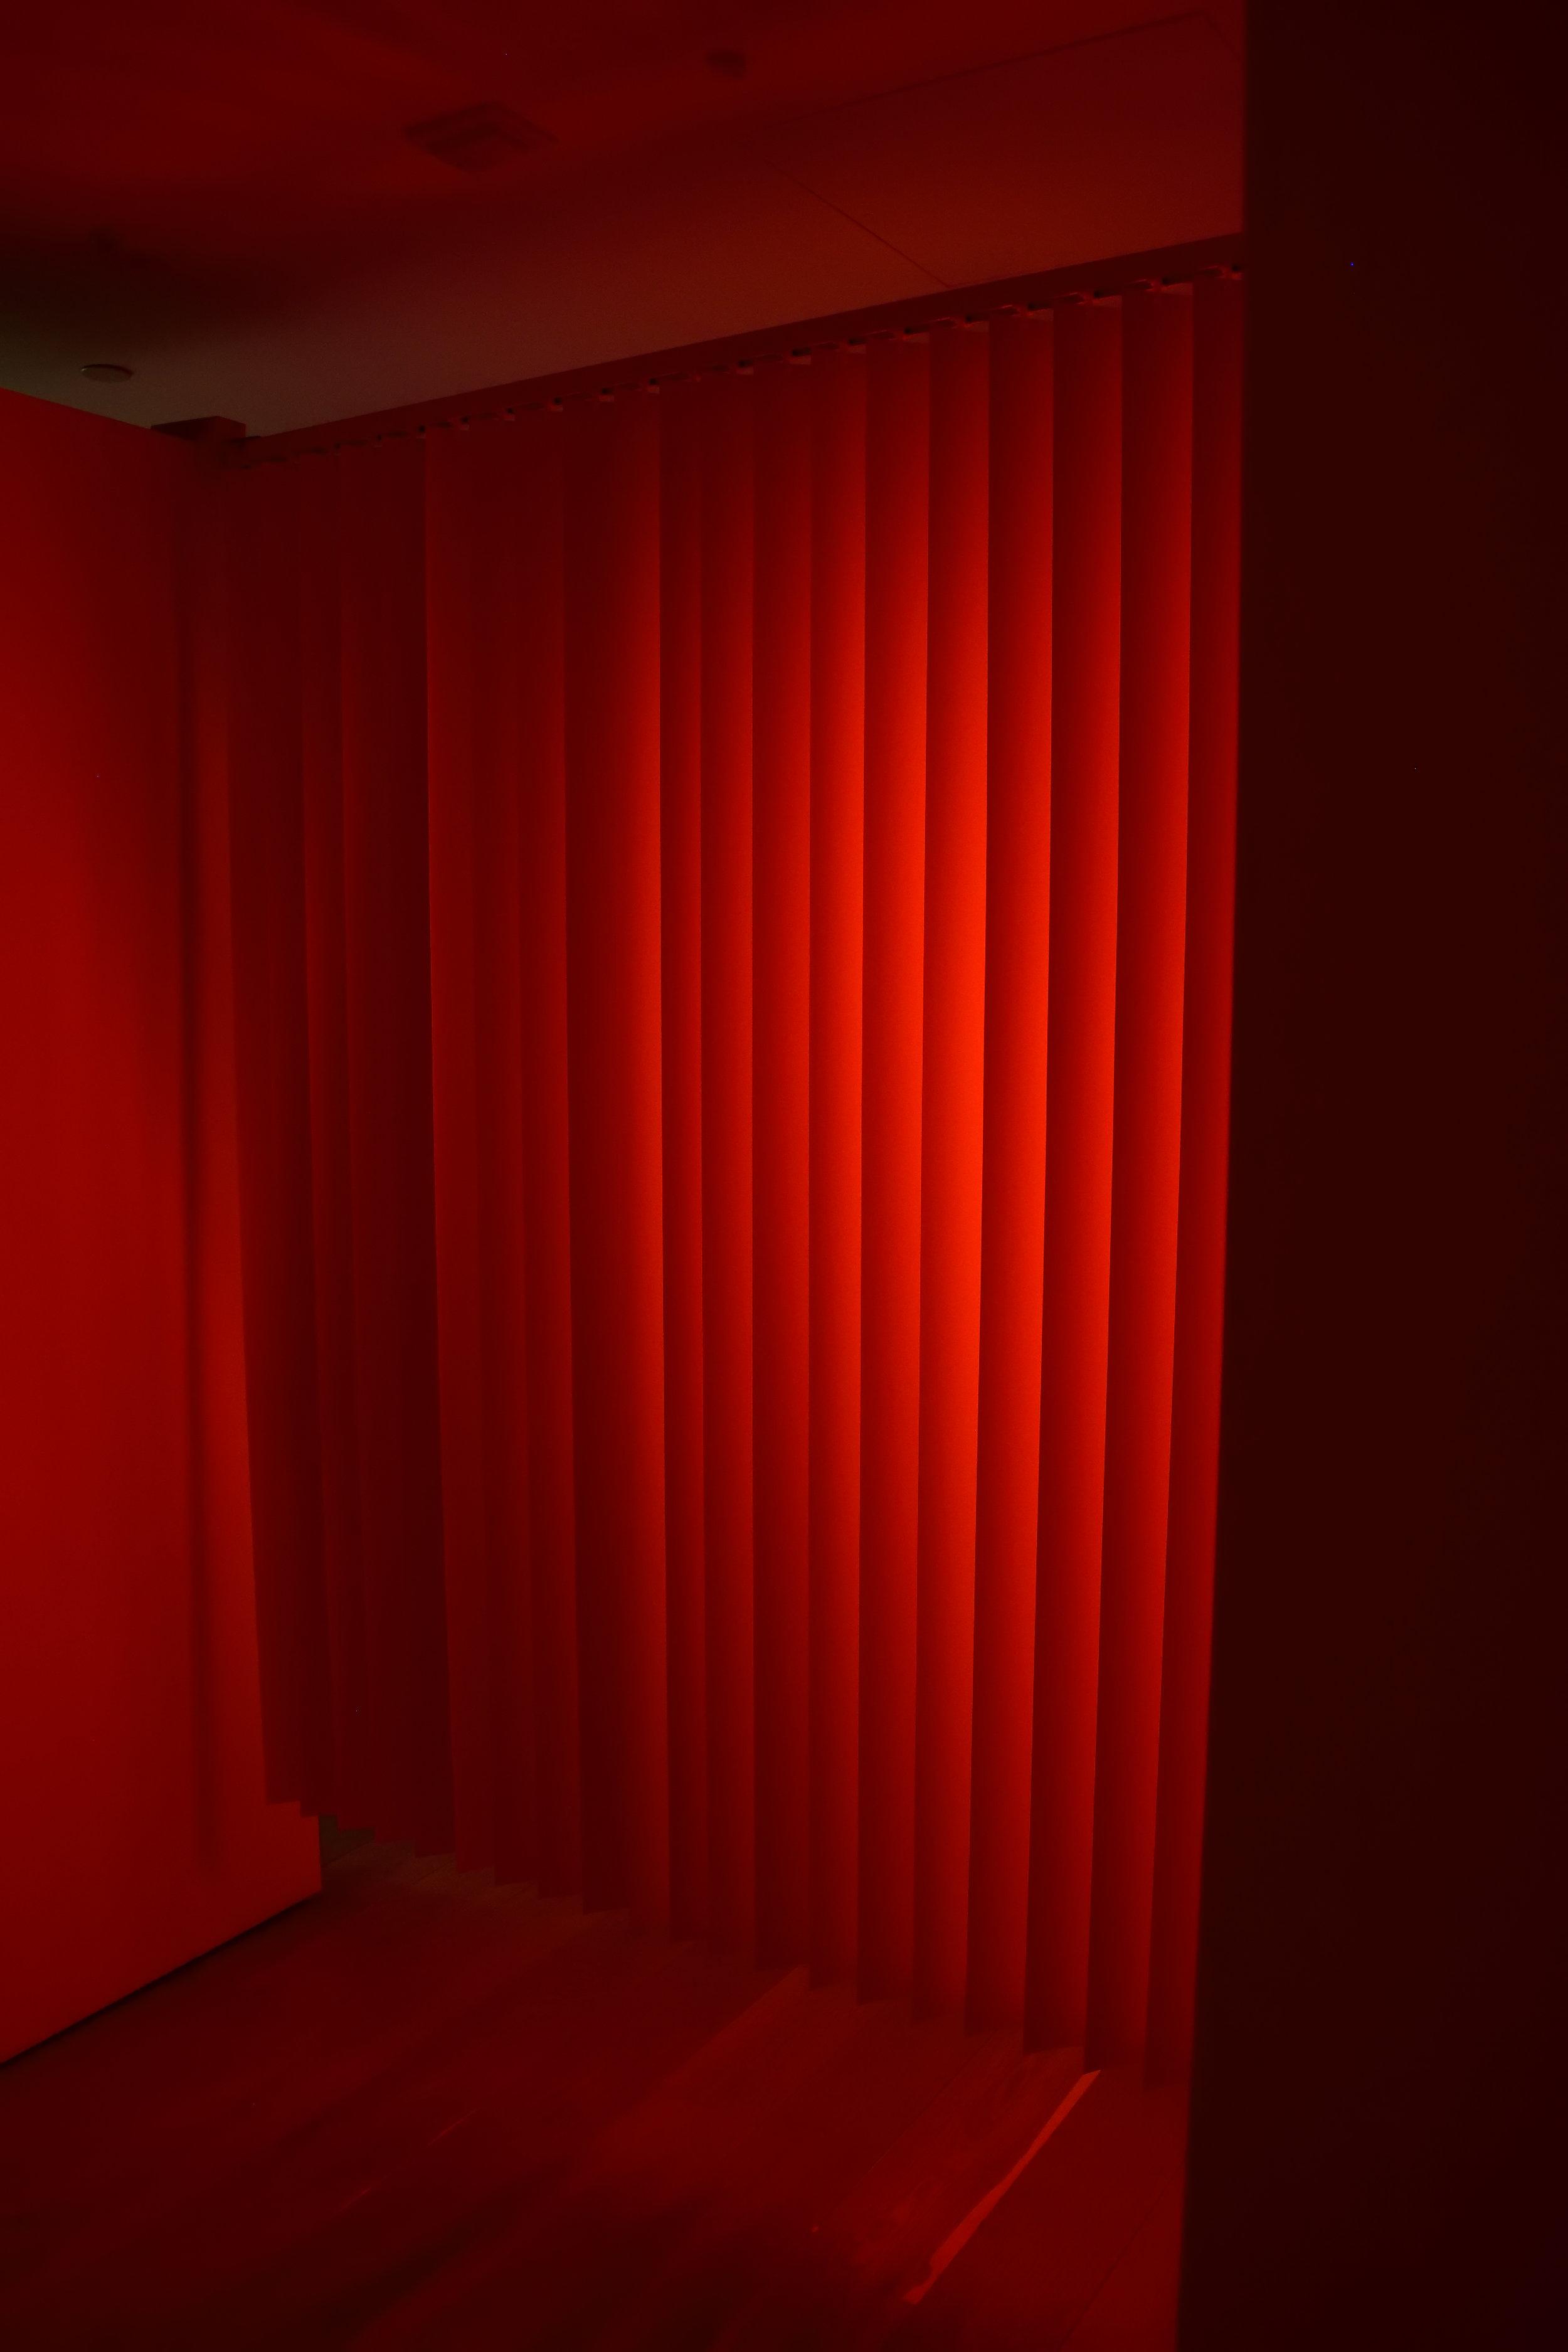 red0011.jpg